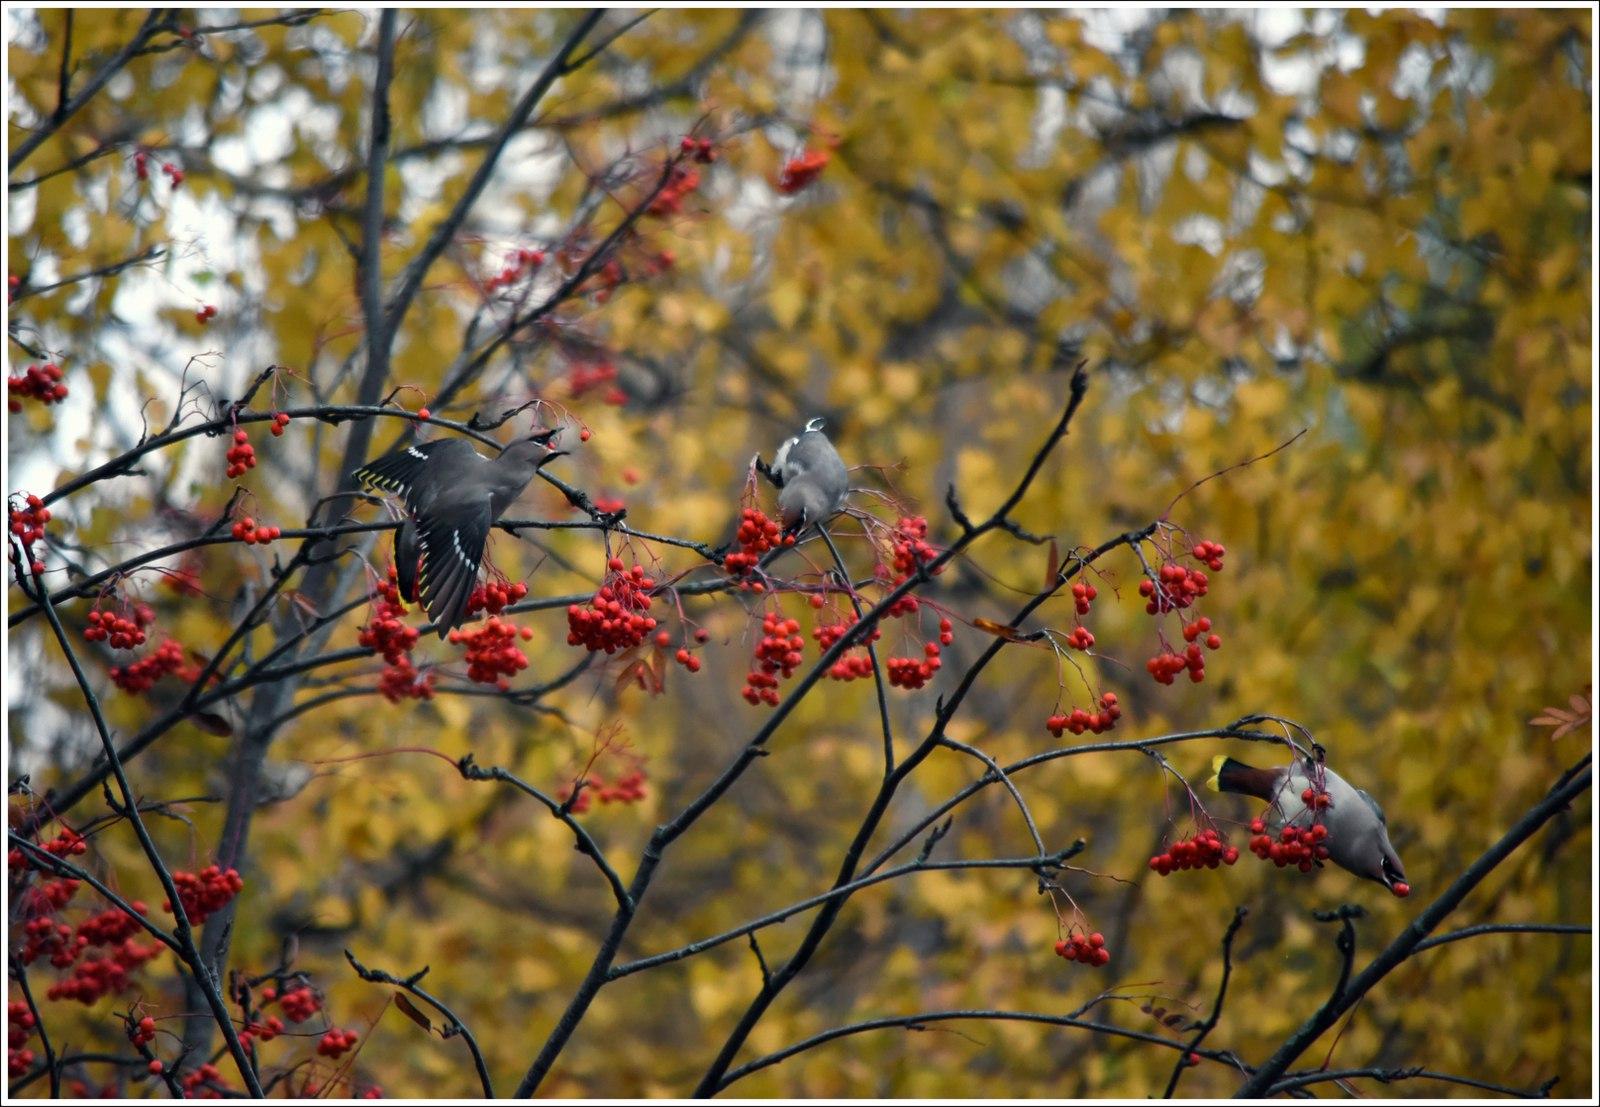 Свиристели в Сыктывкаре гибнут из-за отсутствия опыта взаимодействия с антропогенной средой